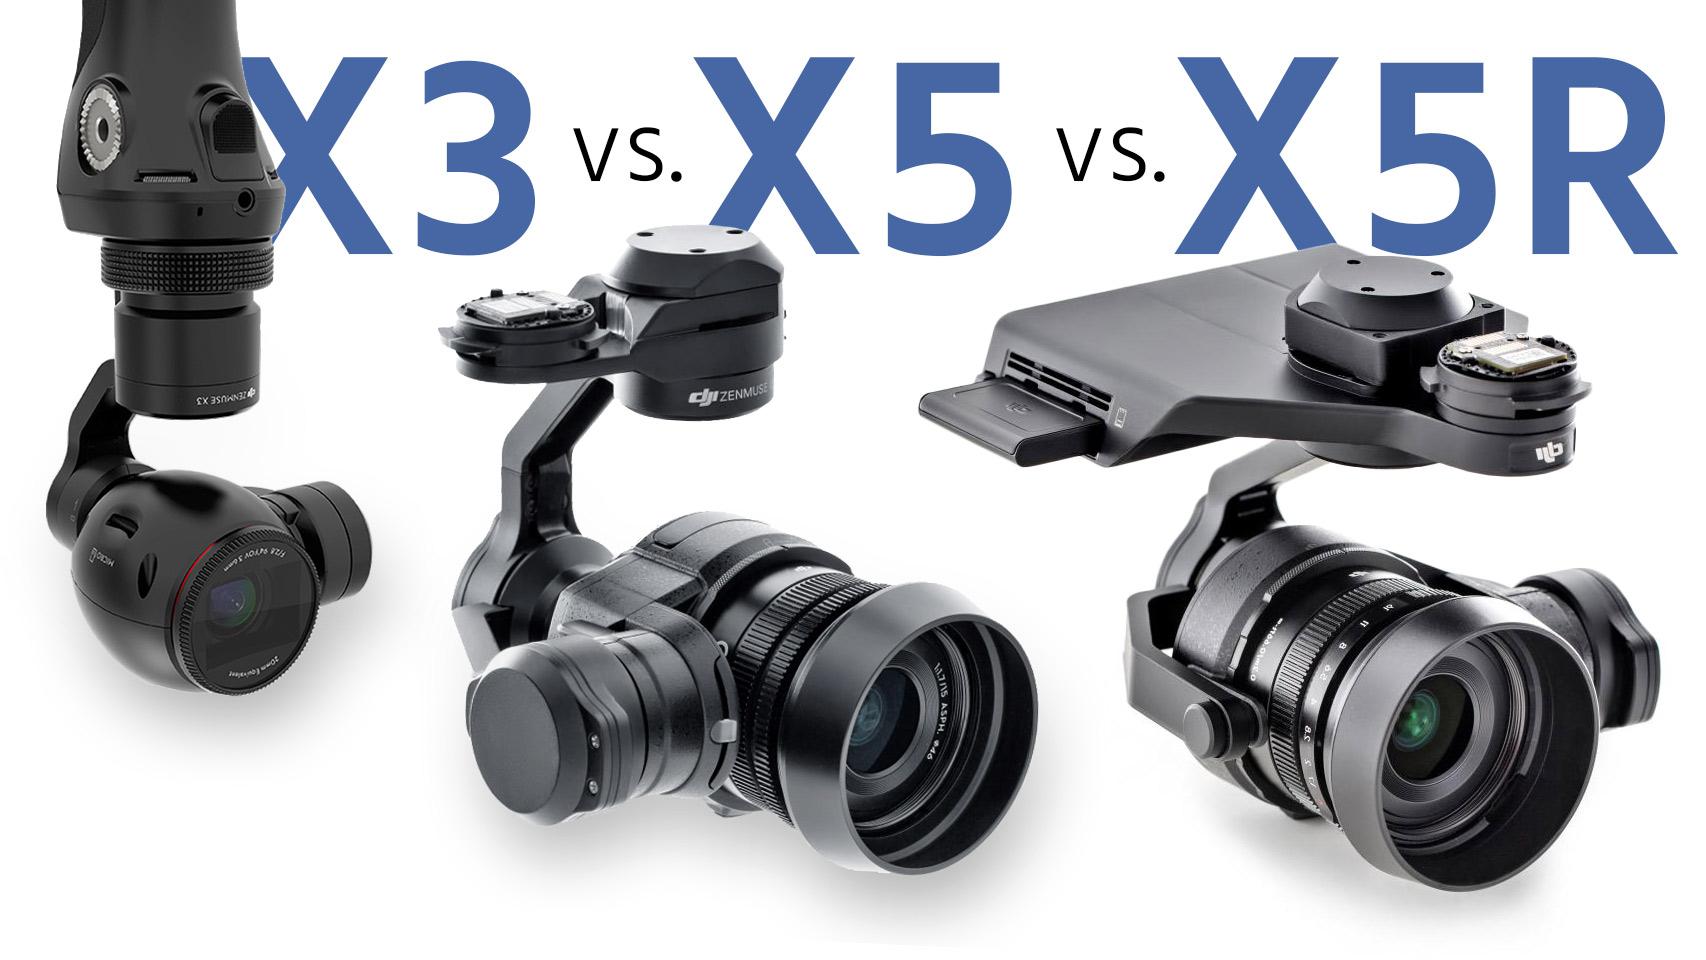 DJI Inspire 1 vs. Inspire 1 PRO vs. Inspire 1 RAW - DJIの3モデル比較